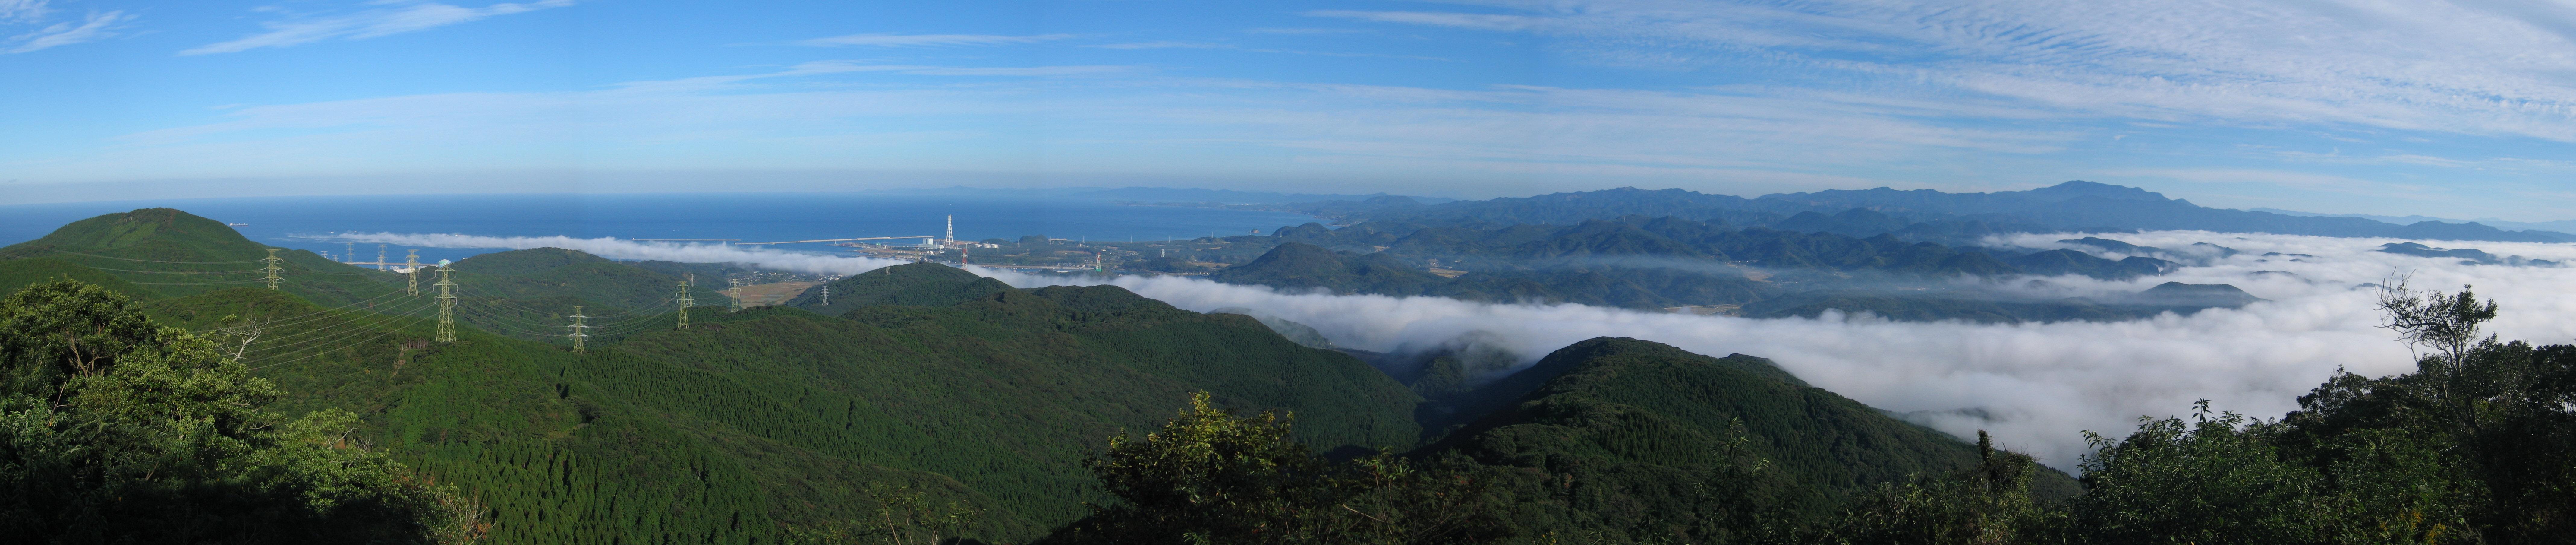 12'10'24'08'00柳山から見た川内川の川霧